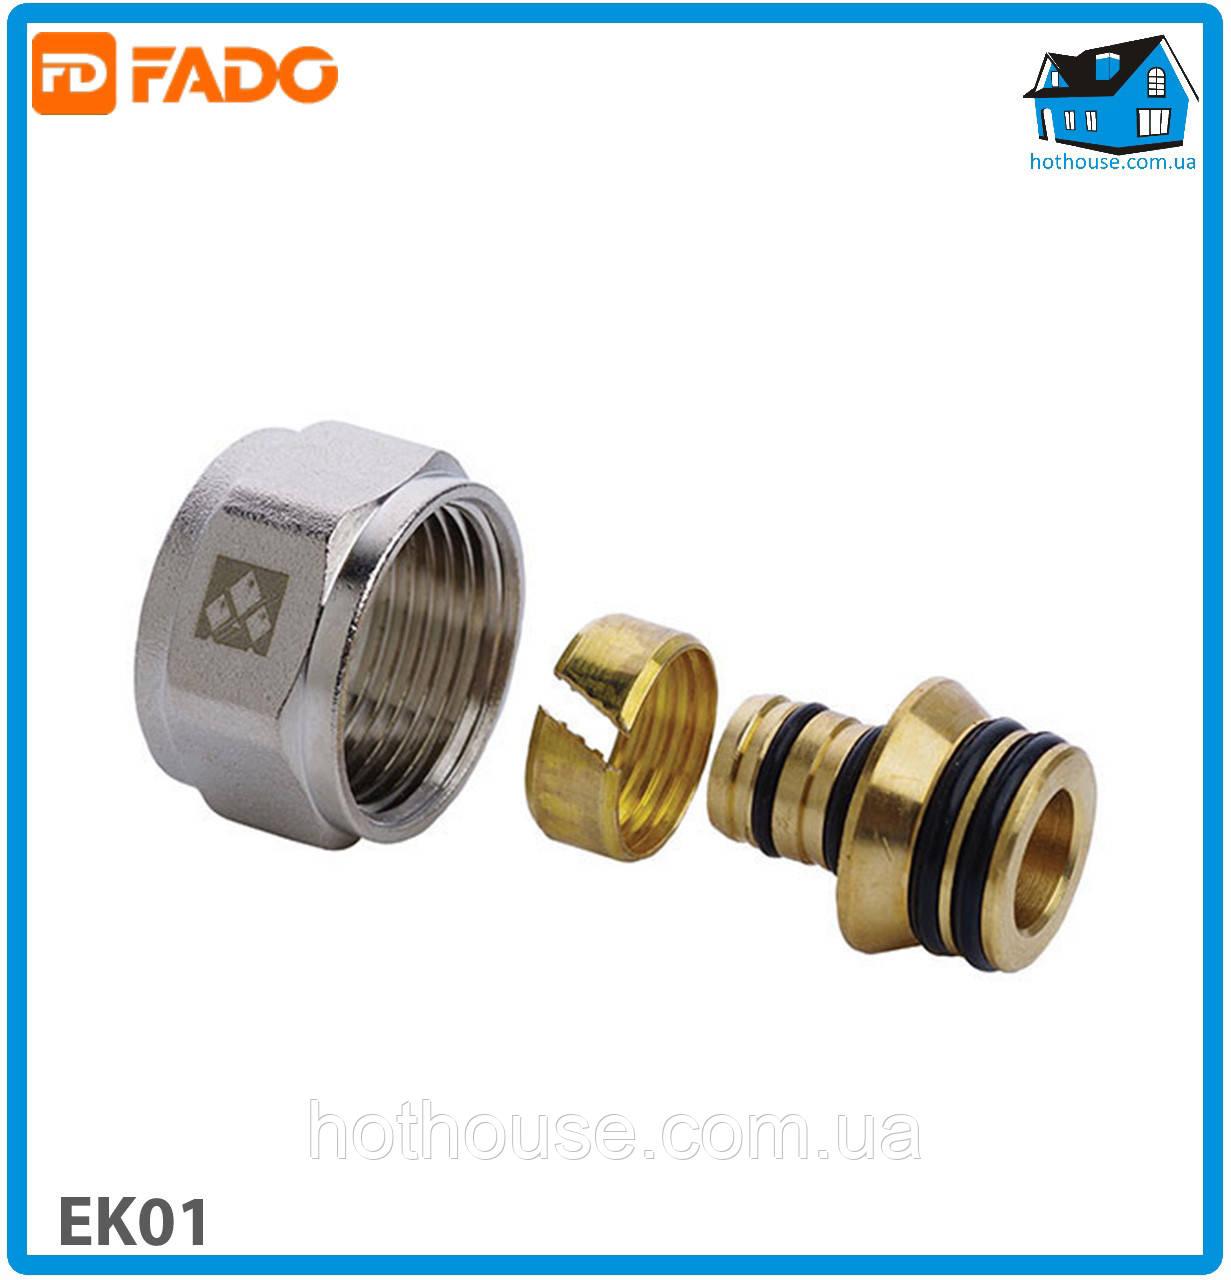 """Евроконус FADO EK01 FLOOR 16x3/4"""""""